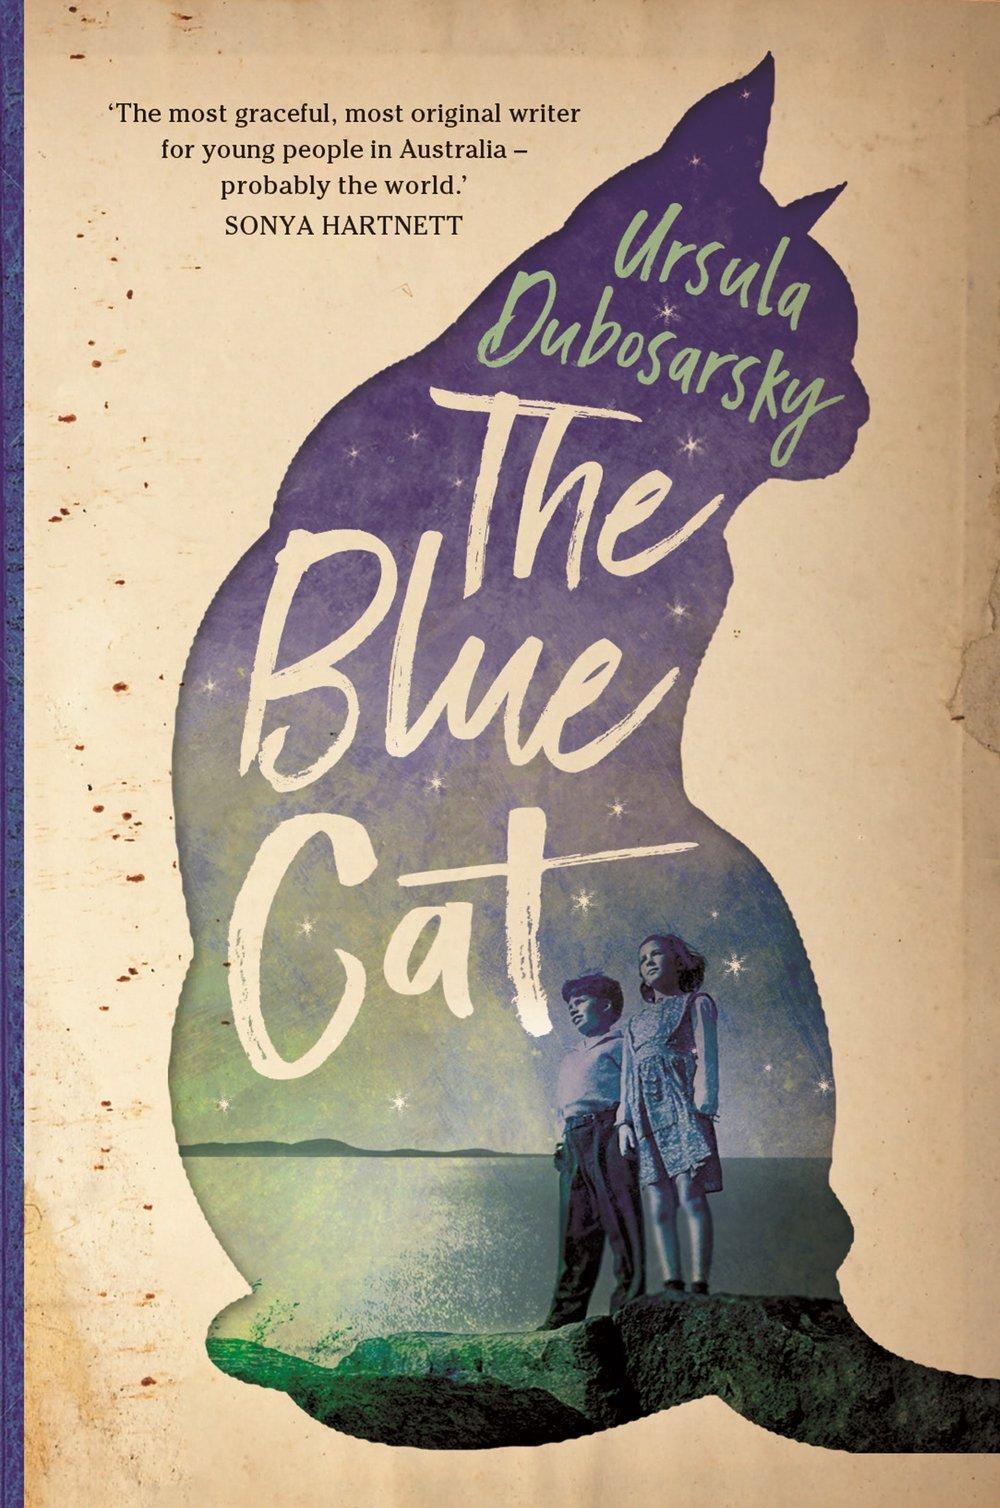 blue cat cover 1.jpg